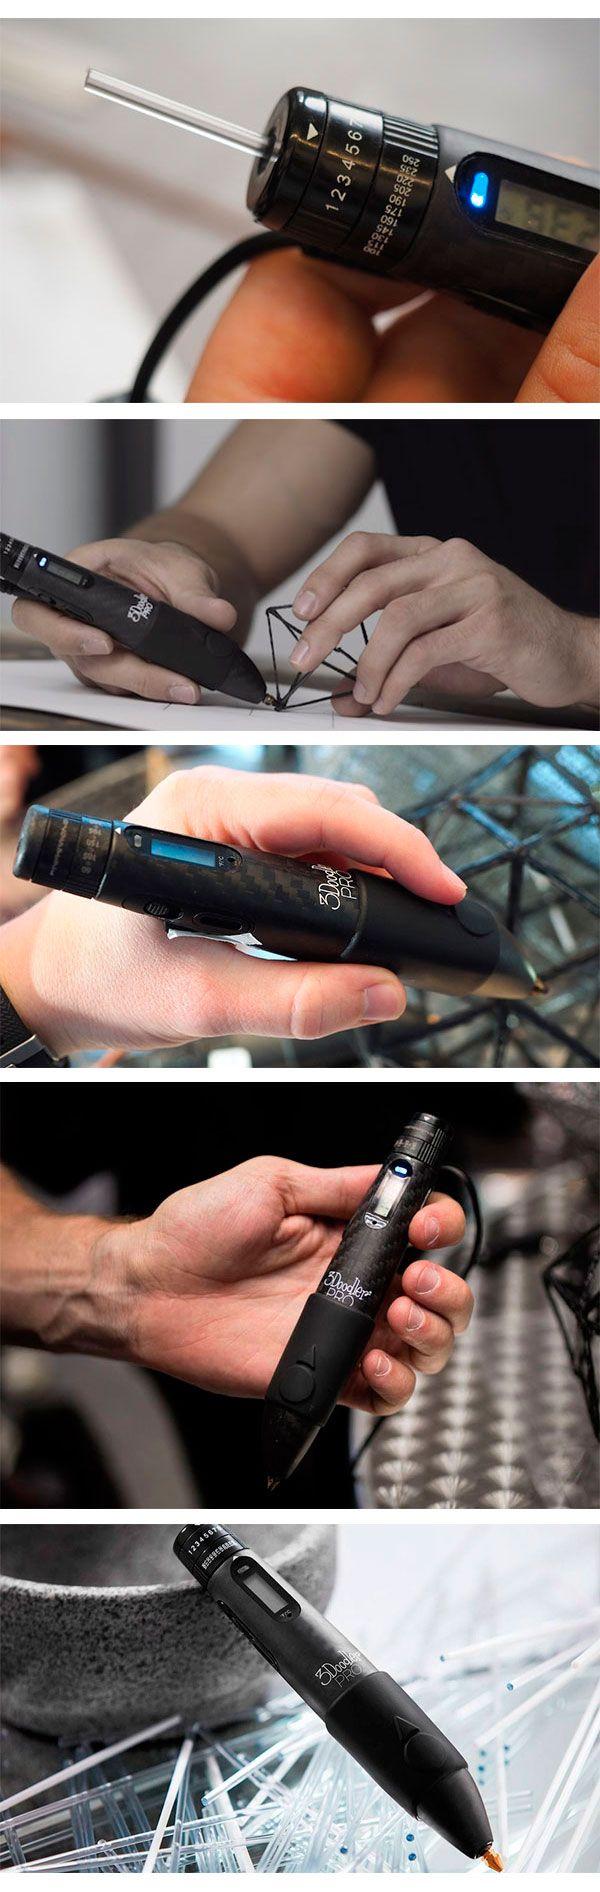 3D-ручка #3DoodlerPro для профессионалов своего дела